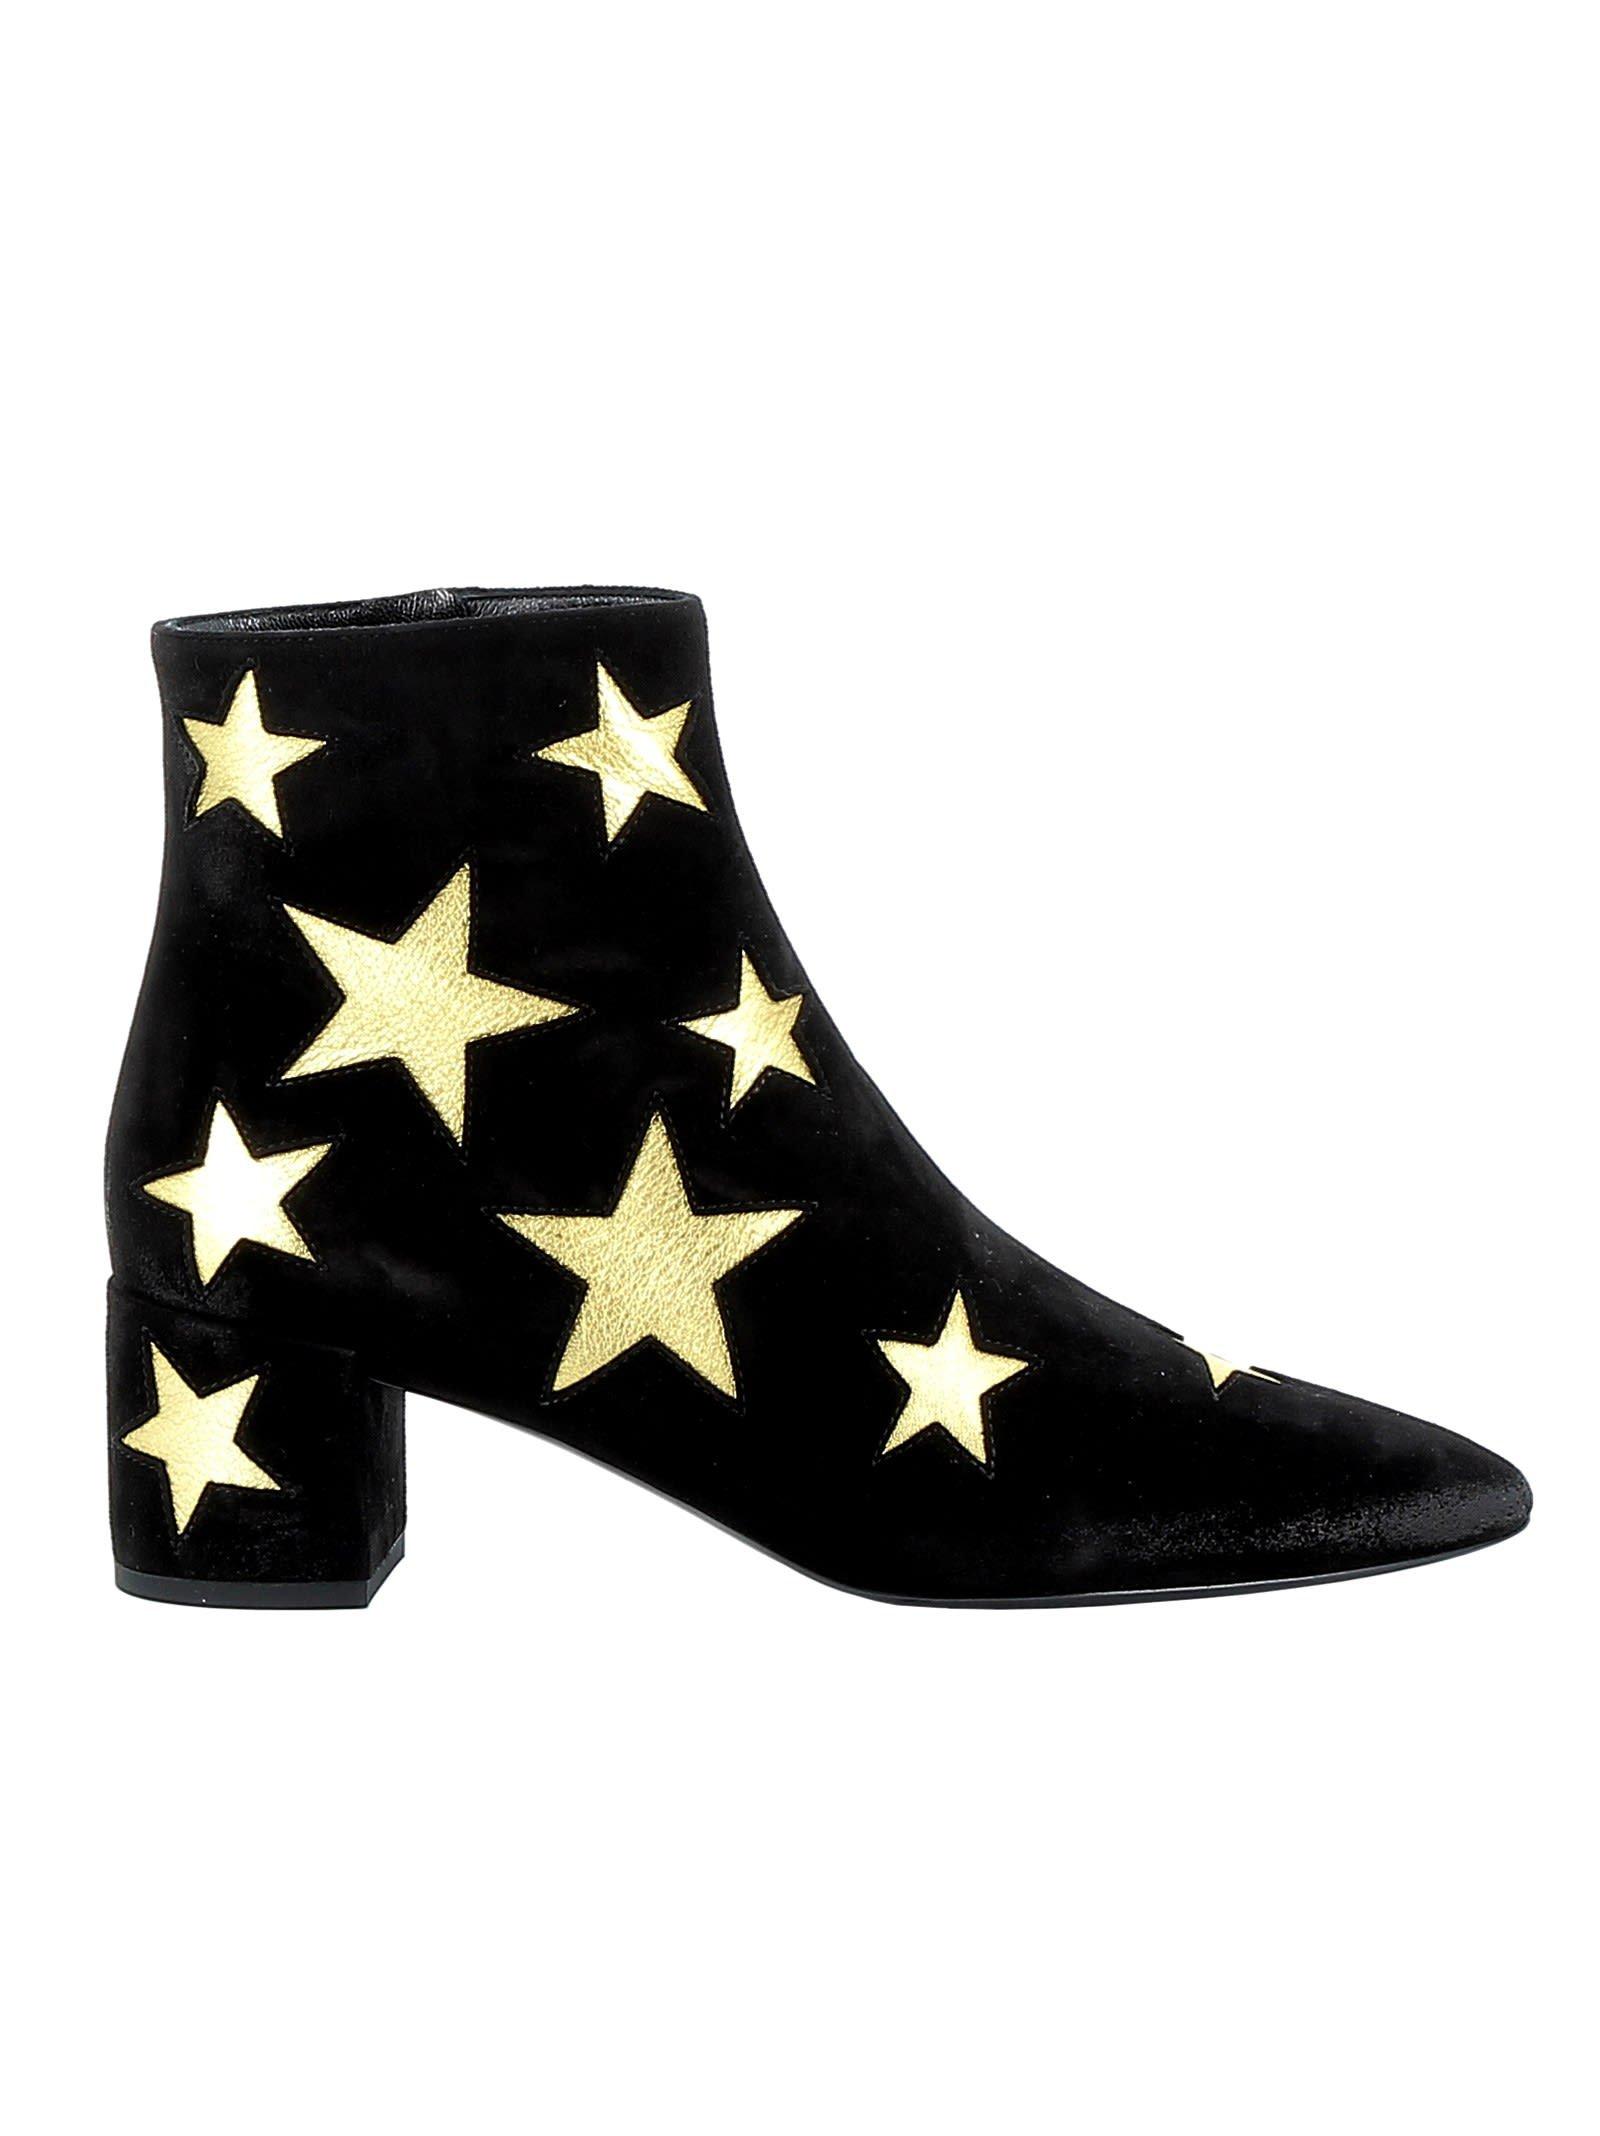 Saint Laurent Black/gold Suede Ankle Boots